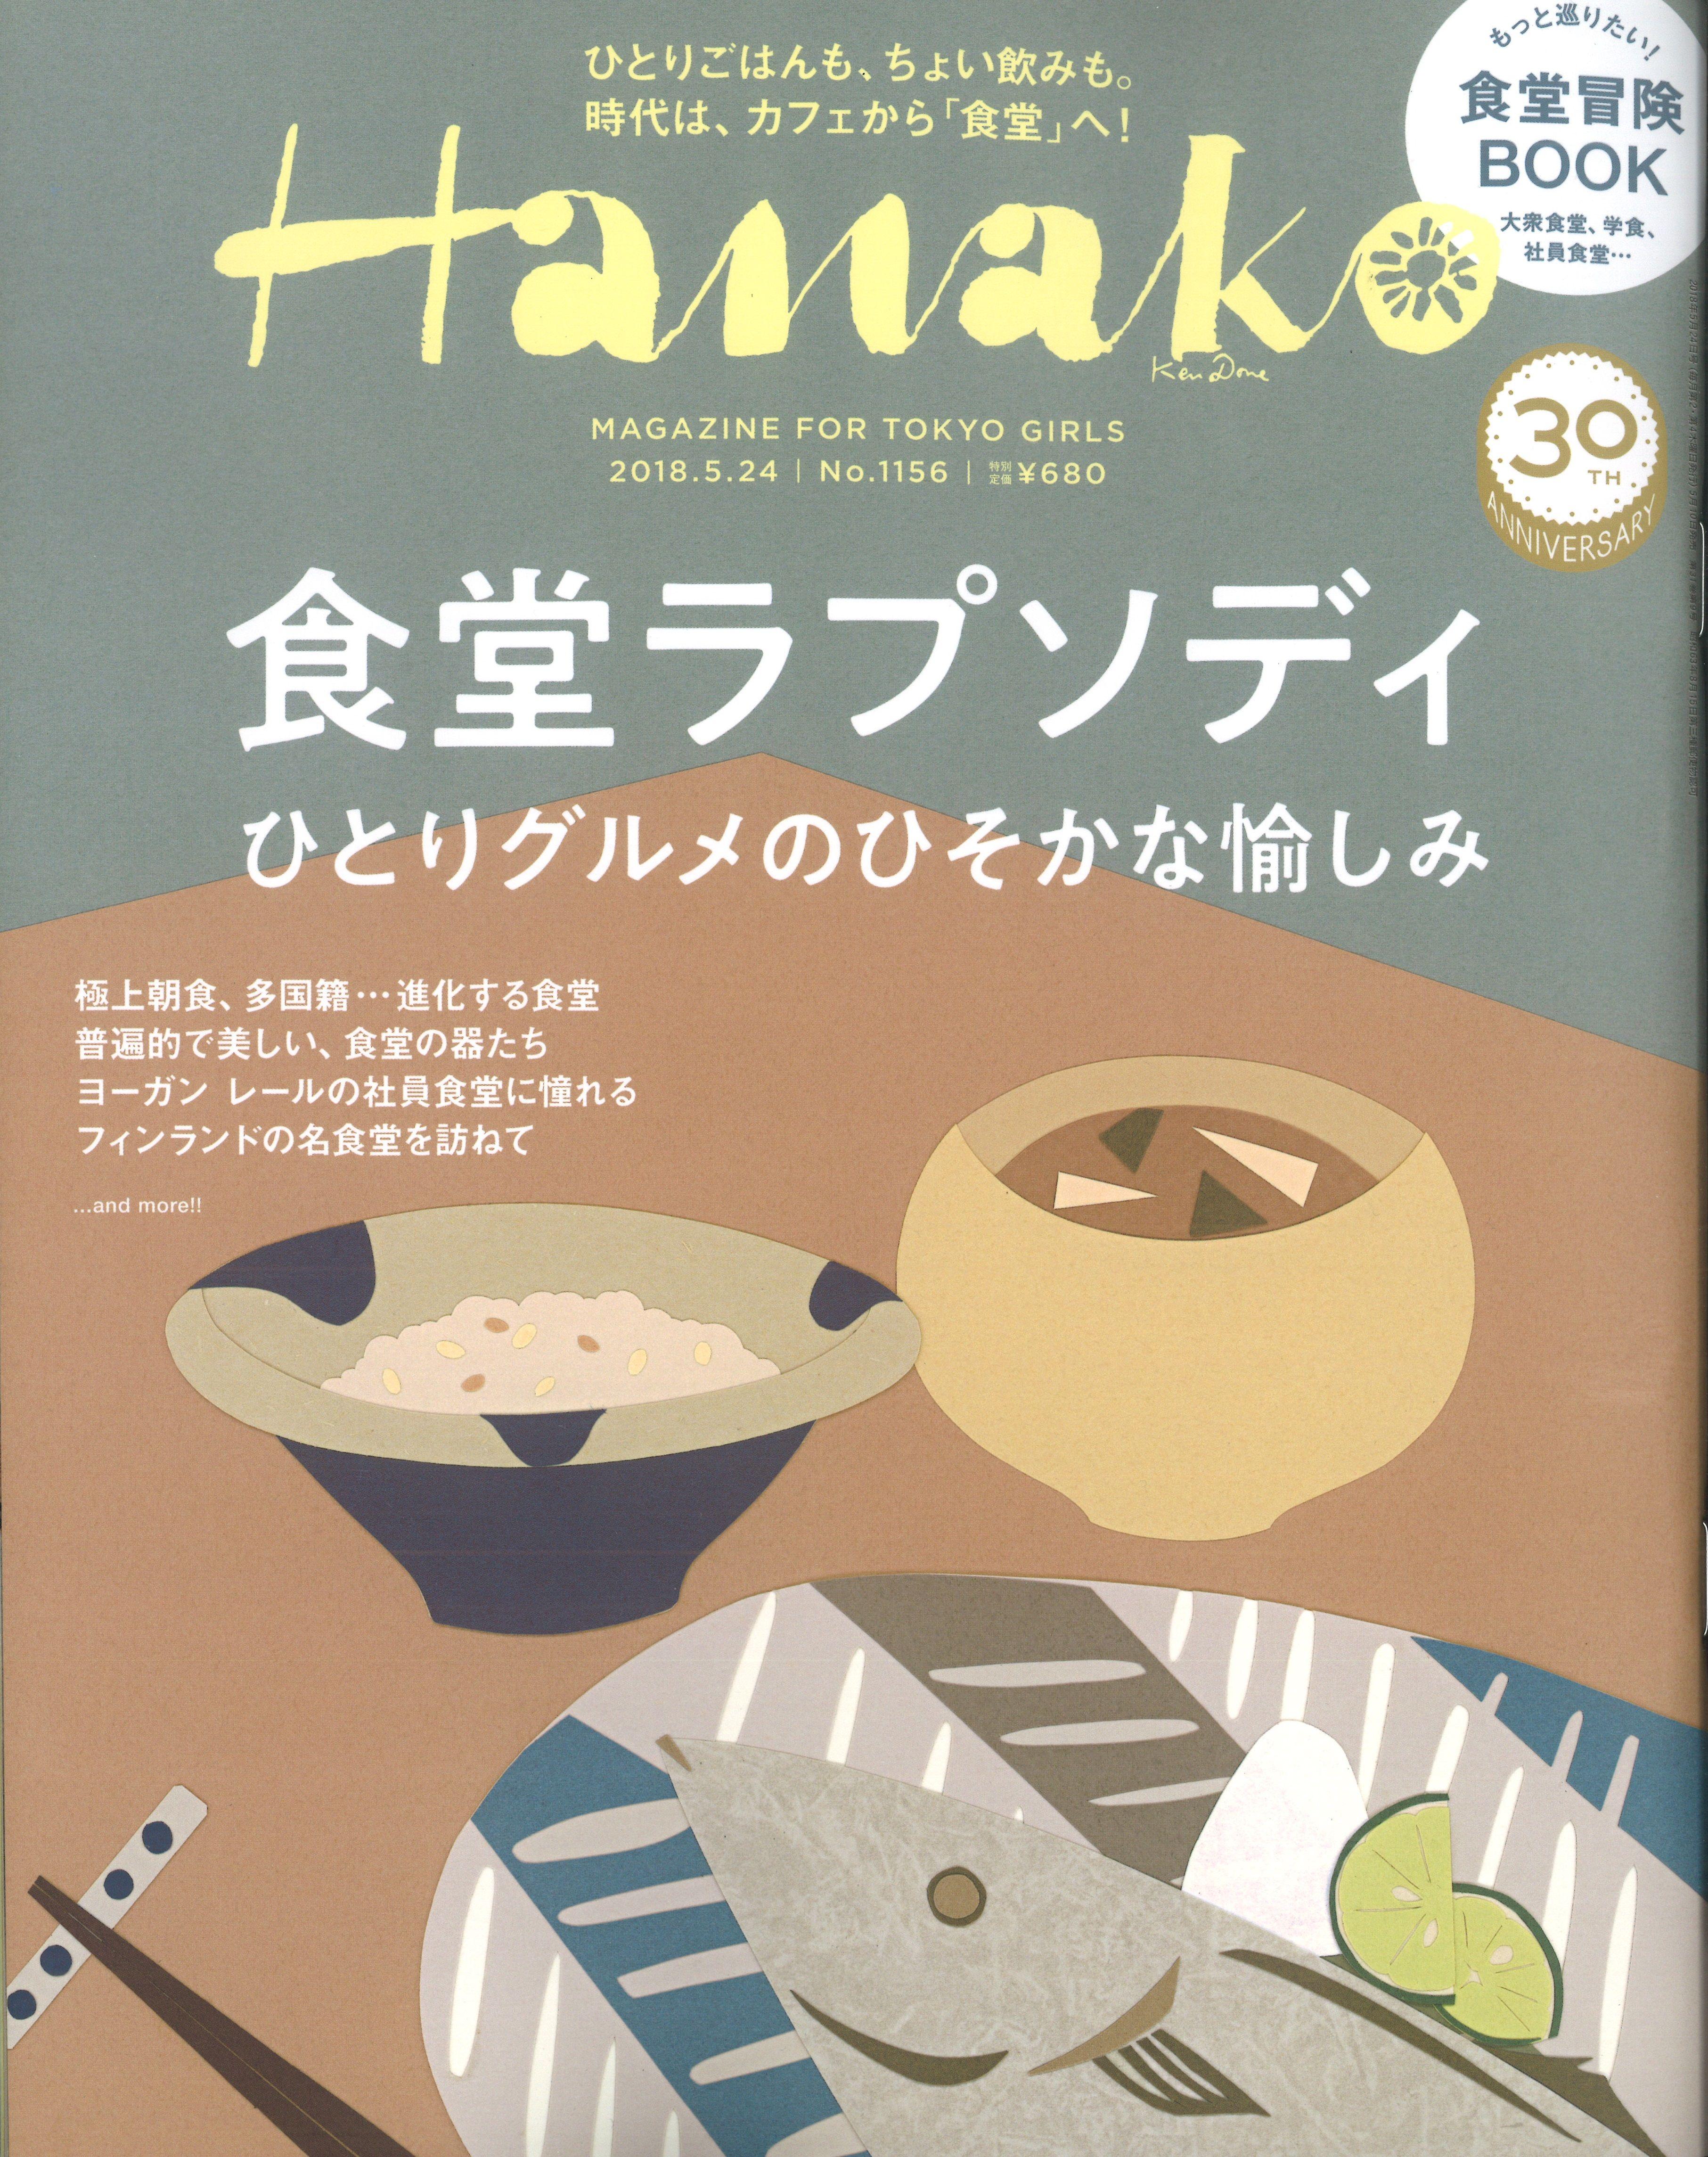 5/10発売「Hanako」に掲載されました。